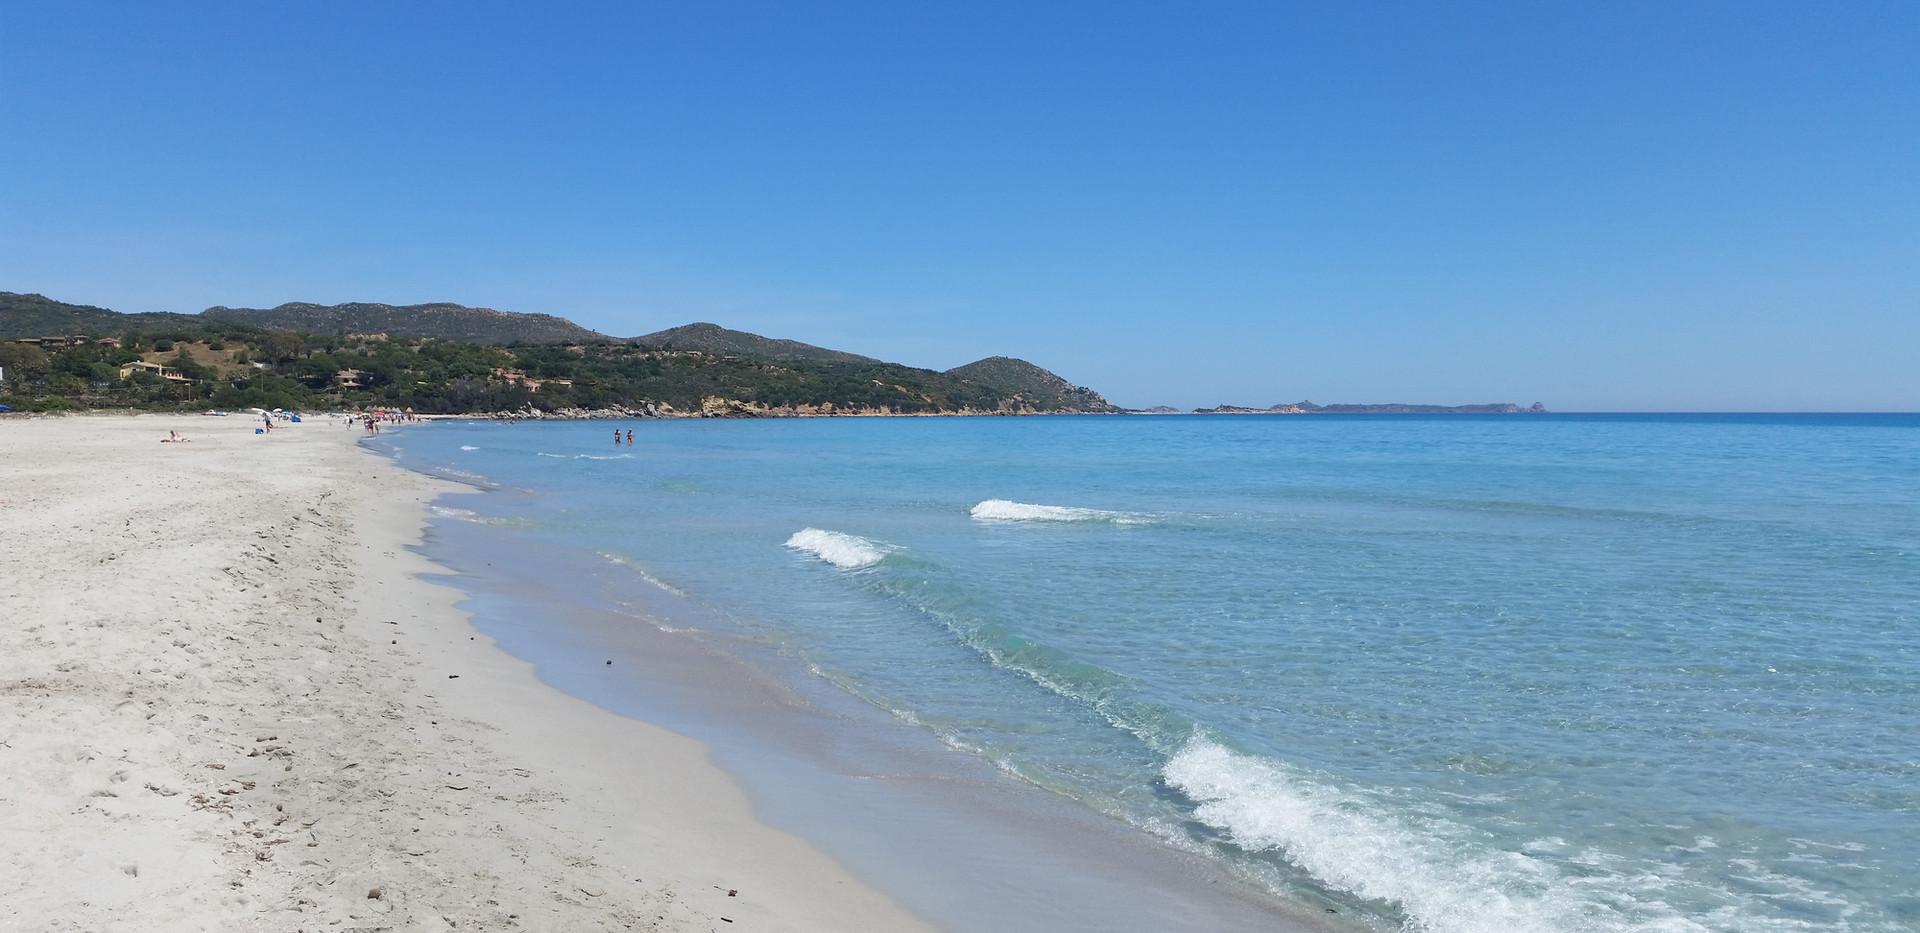 Simius spiaggia privata 2.jpg